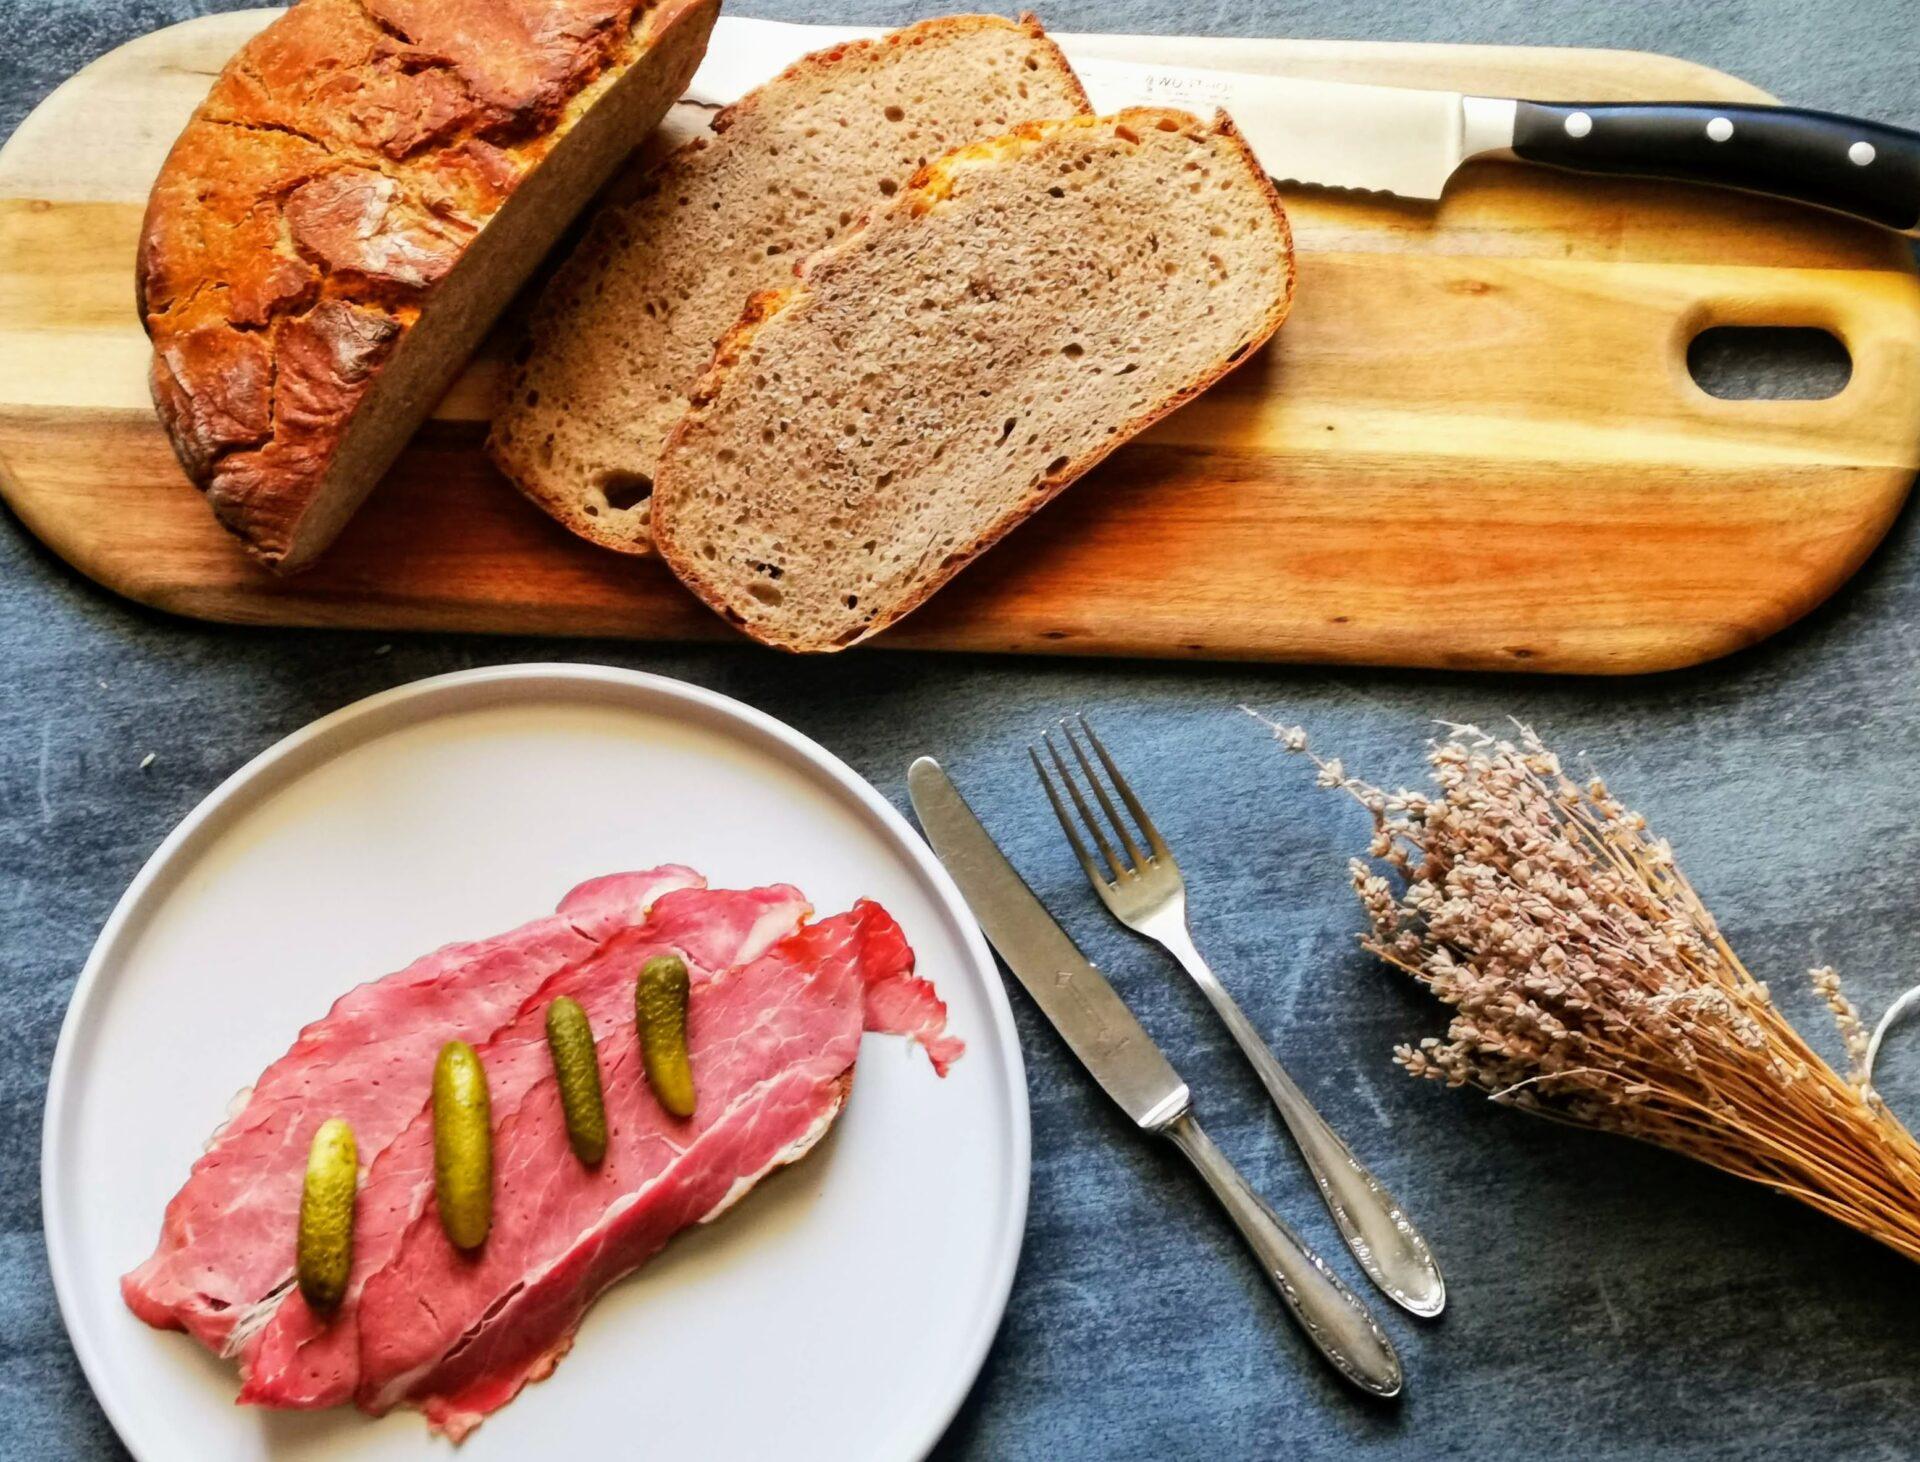 Tschechisches Böhmerwald Brot